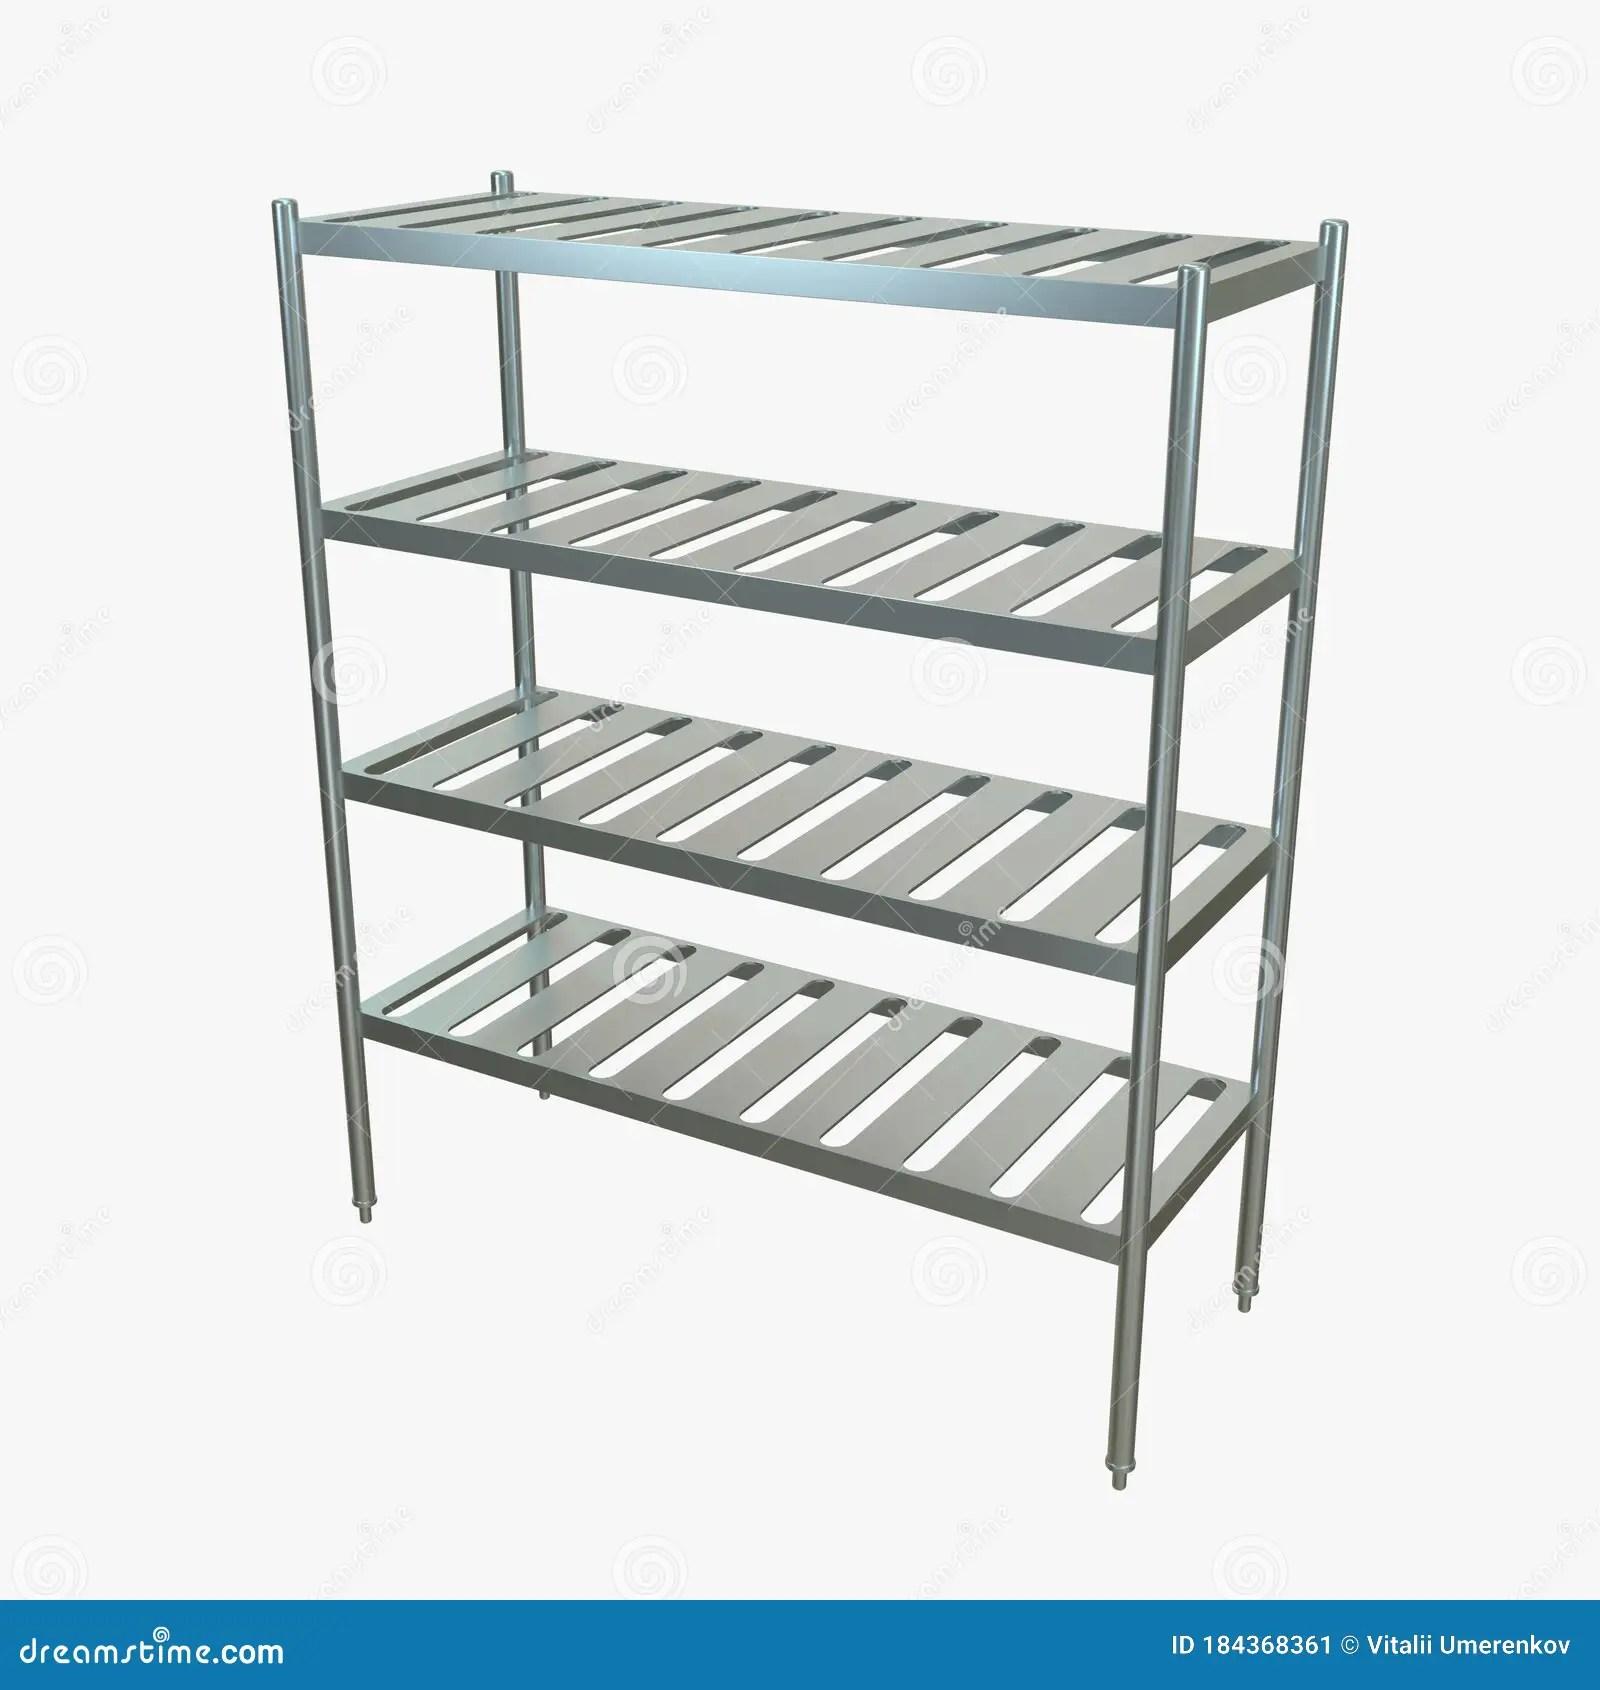 Metal Kitchen Rack Kitchen Storage Stock Image Illustration Of Metal Shelving 184368361